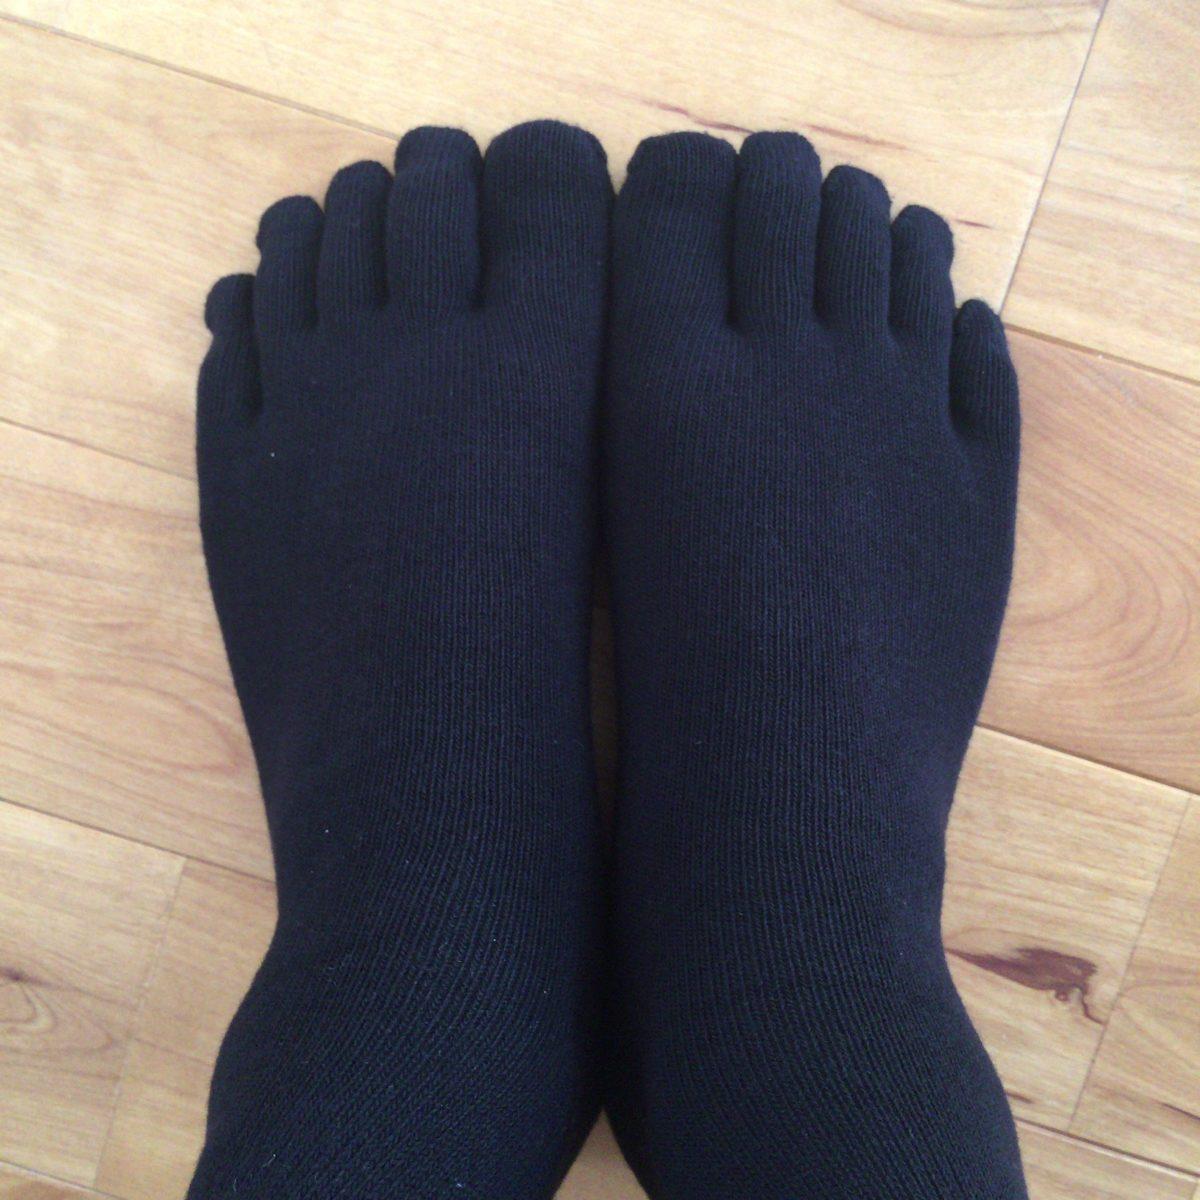 無印良品 MUJI「オーガニックコットン混足なる直角5本指靴下」をはいてみる